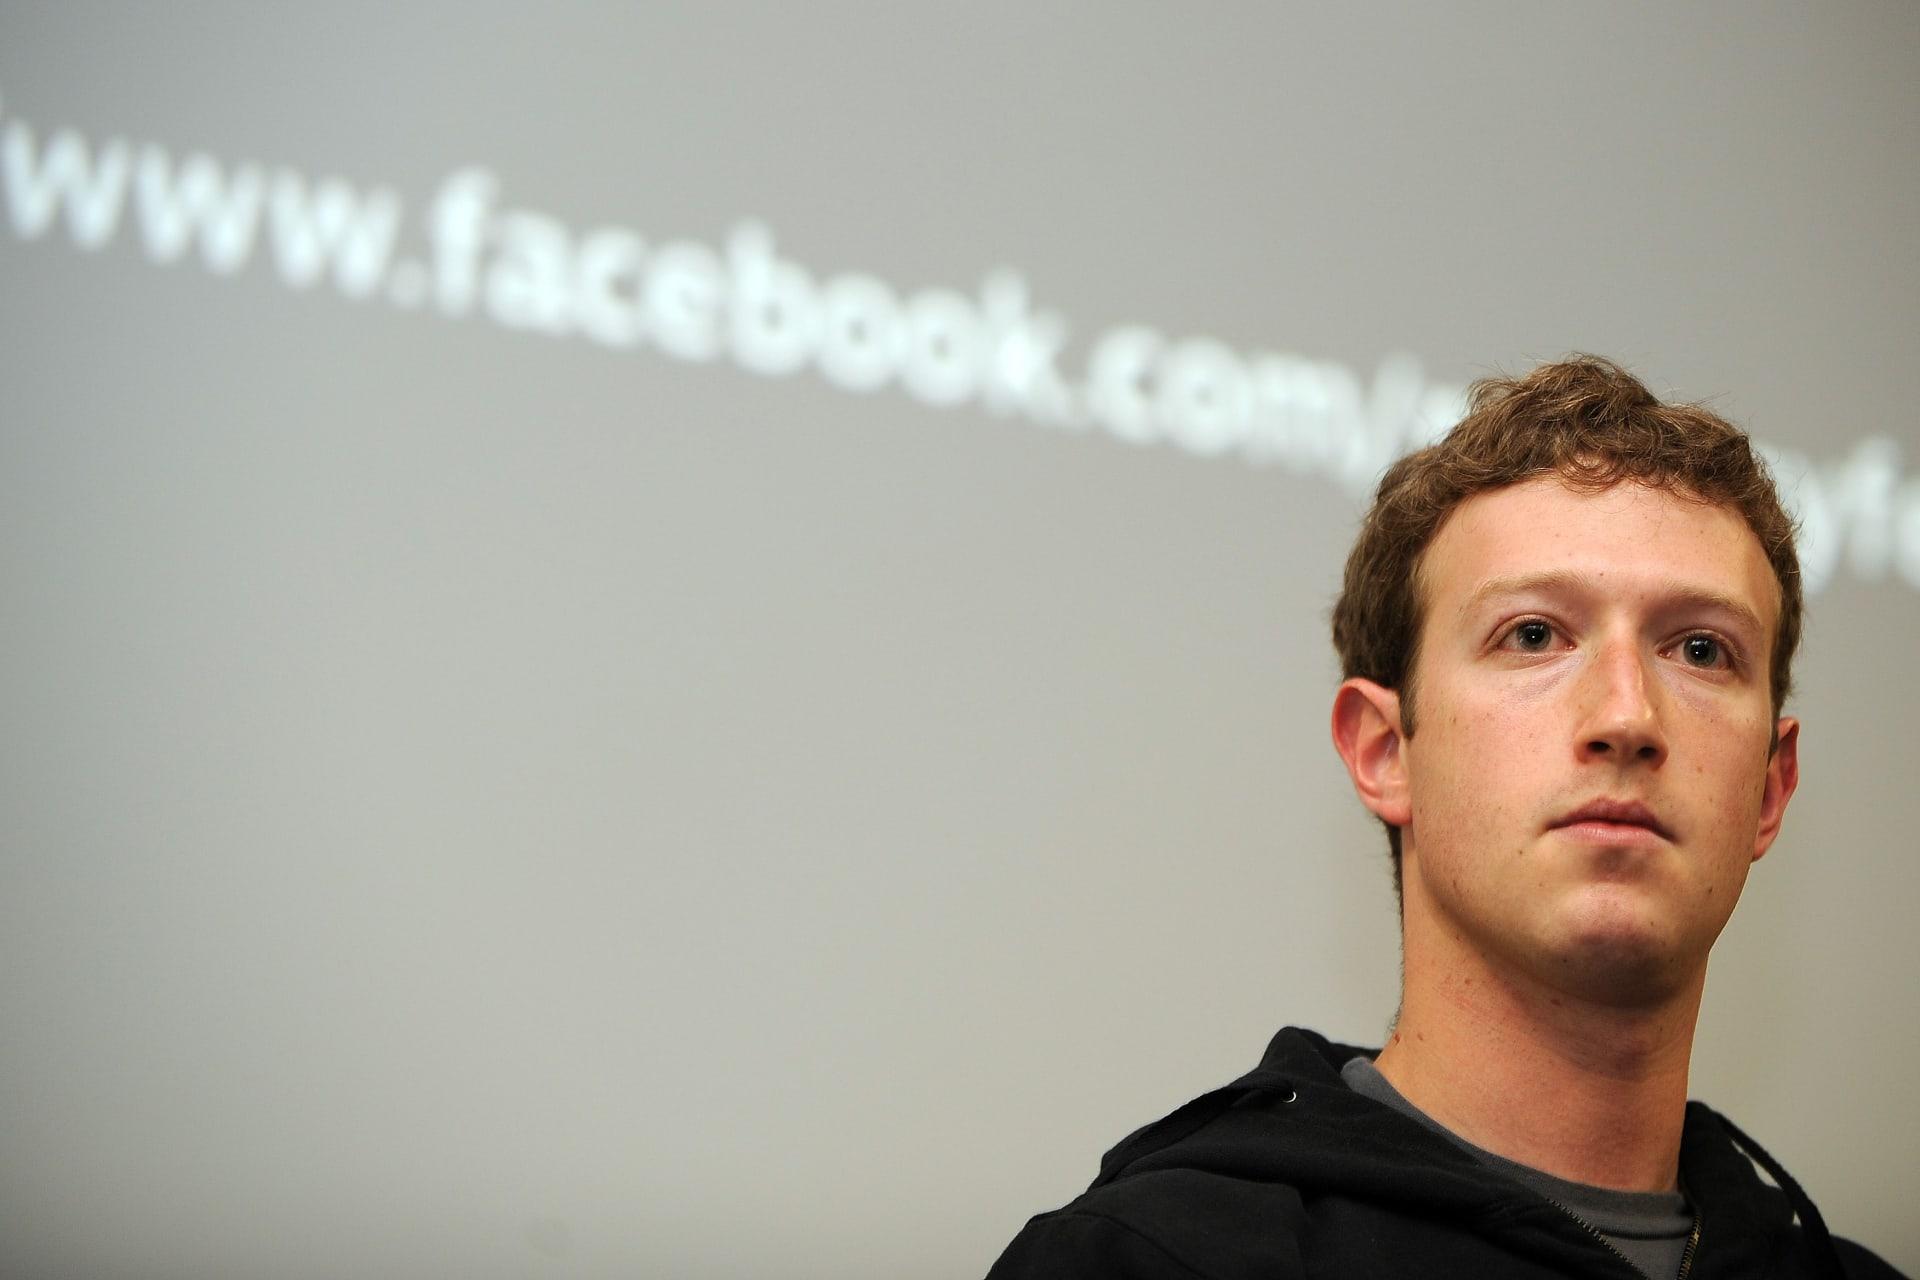 مارك زوكربيرغ المدير التنفيذي لشركة فيسبوك